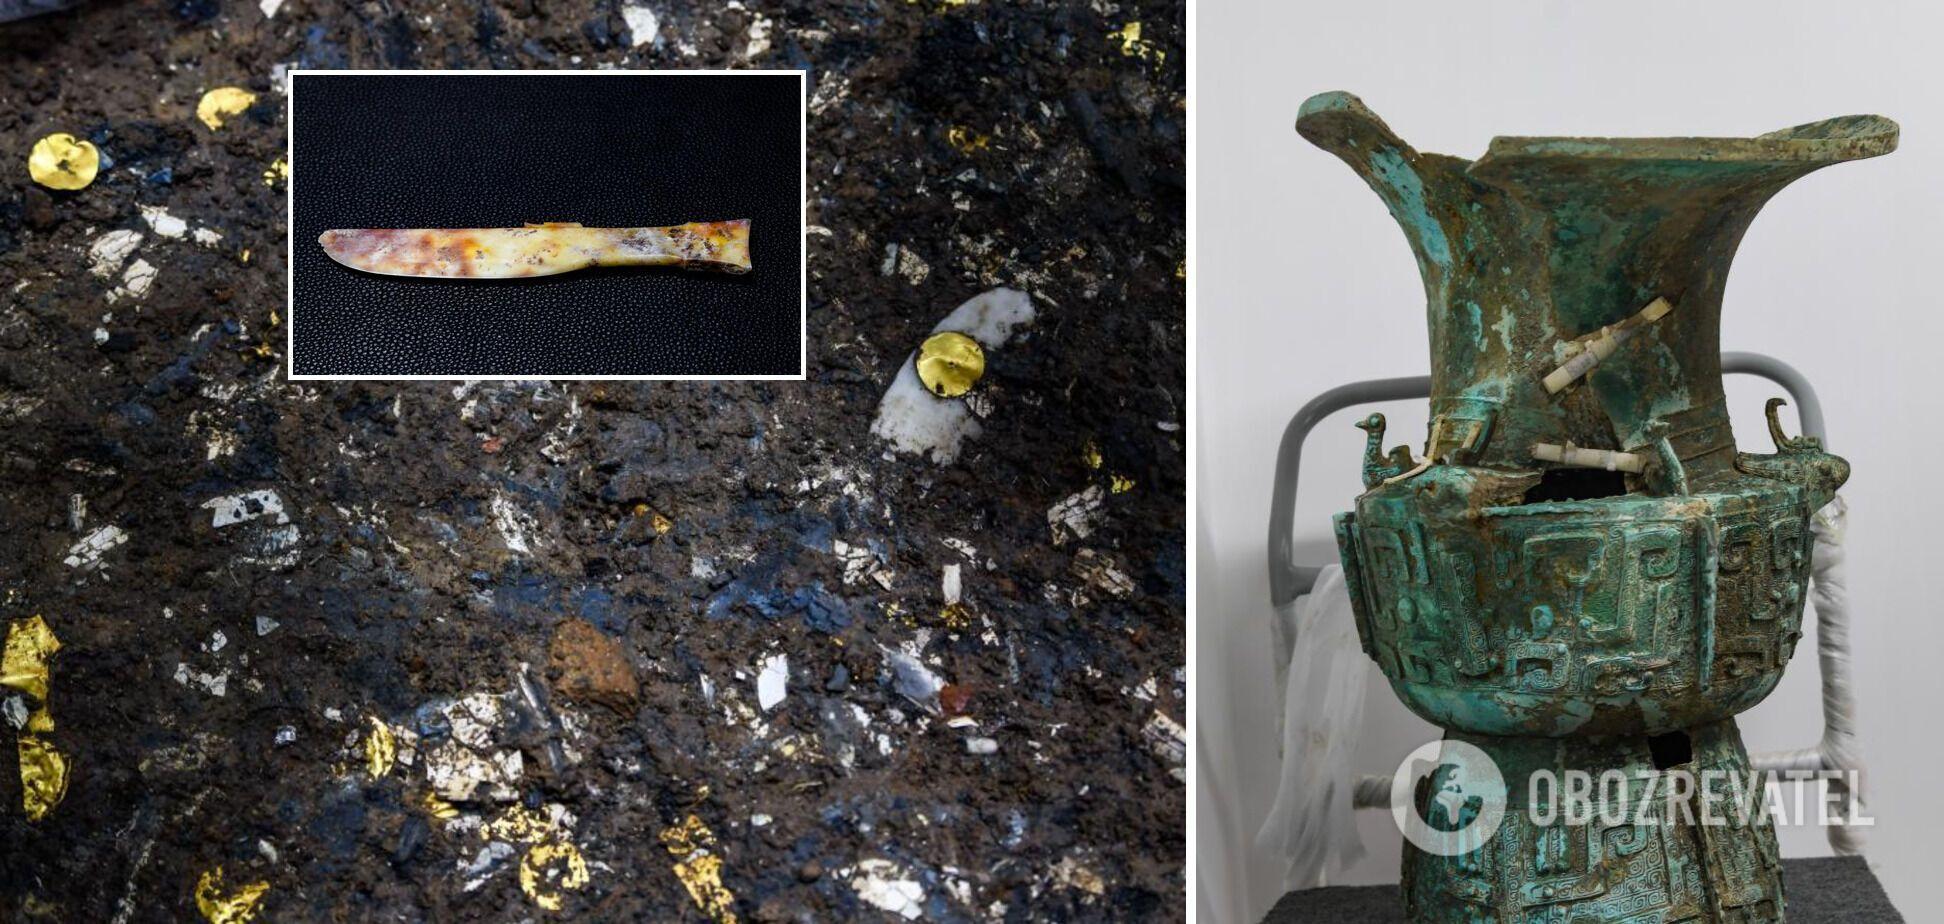 Другие артефакты, которые нашли в жертвенных ямах Саньсиндуй